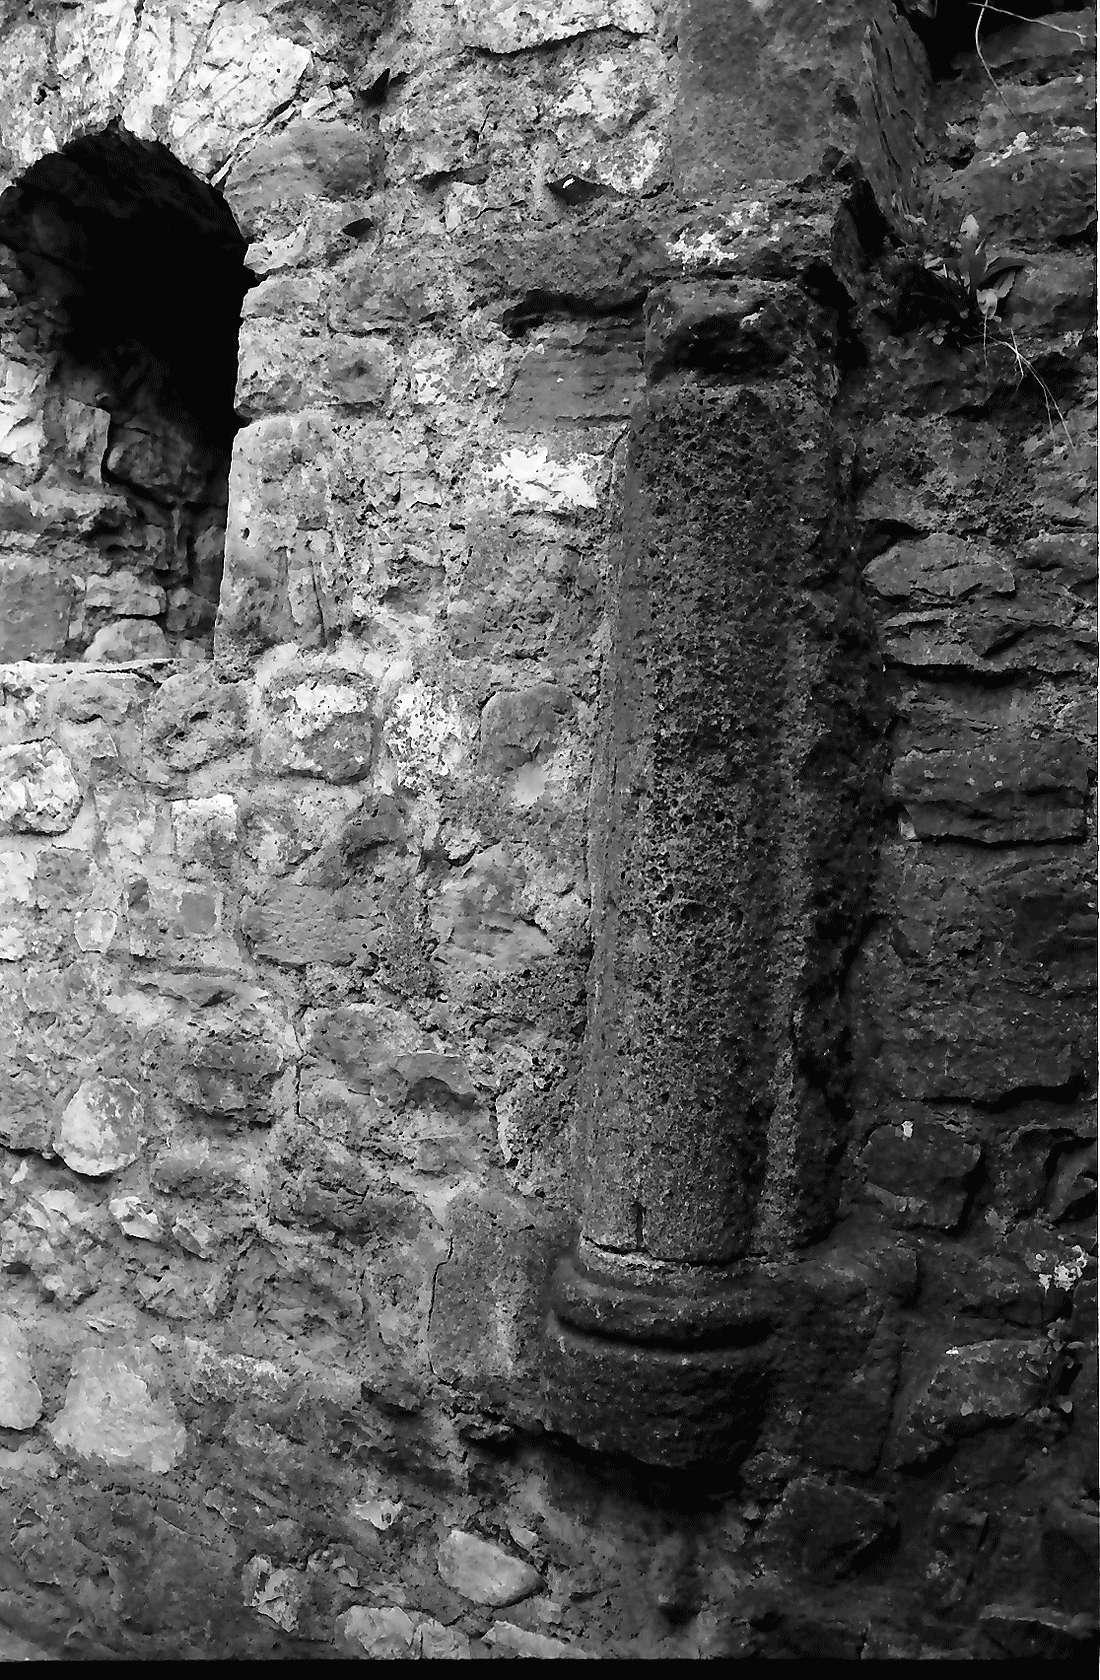 Staufen: Staufener Burg; Säulenrest im Turm, Bild 1